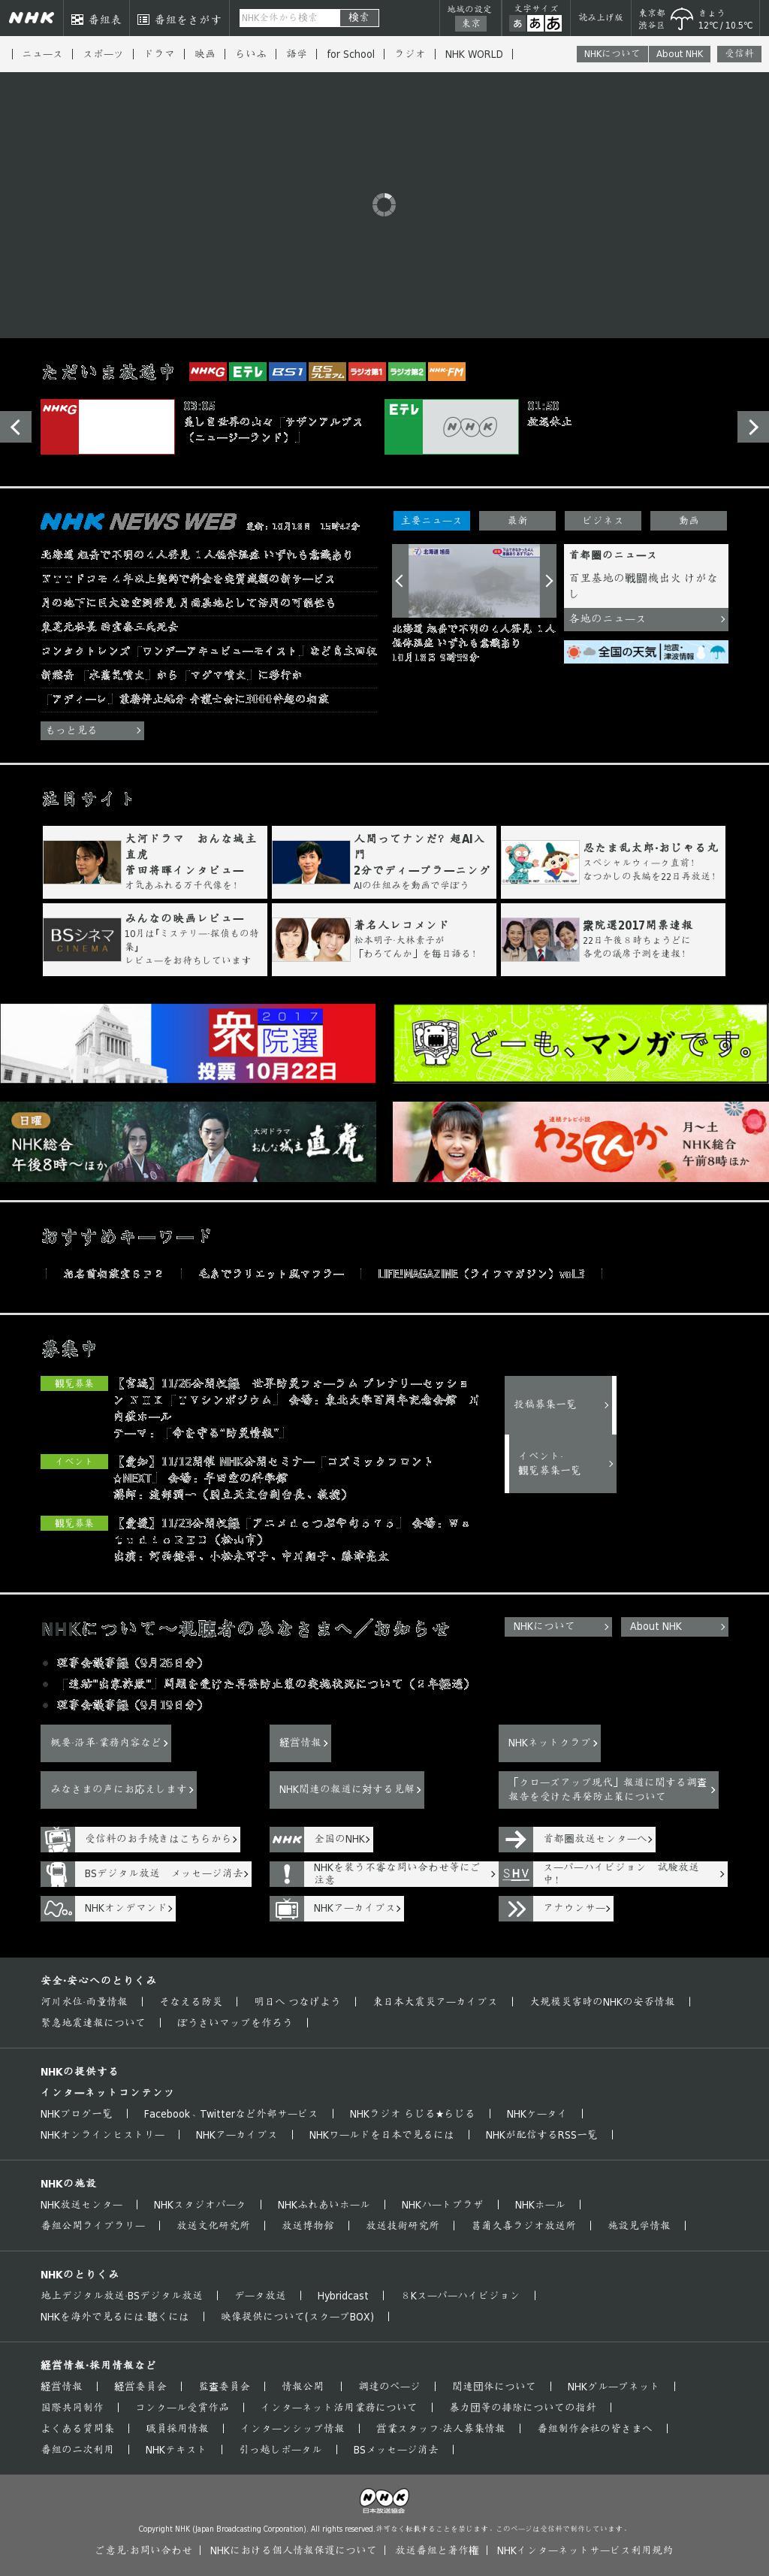 NHK Online at Wednesday Oct. 18, 2017, 6:14 p.m. UTC